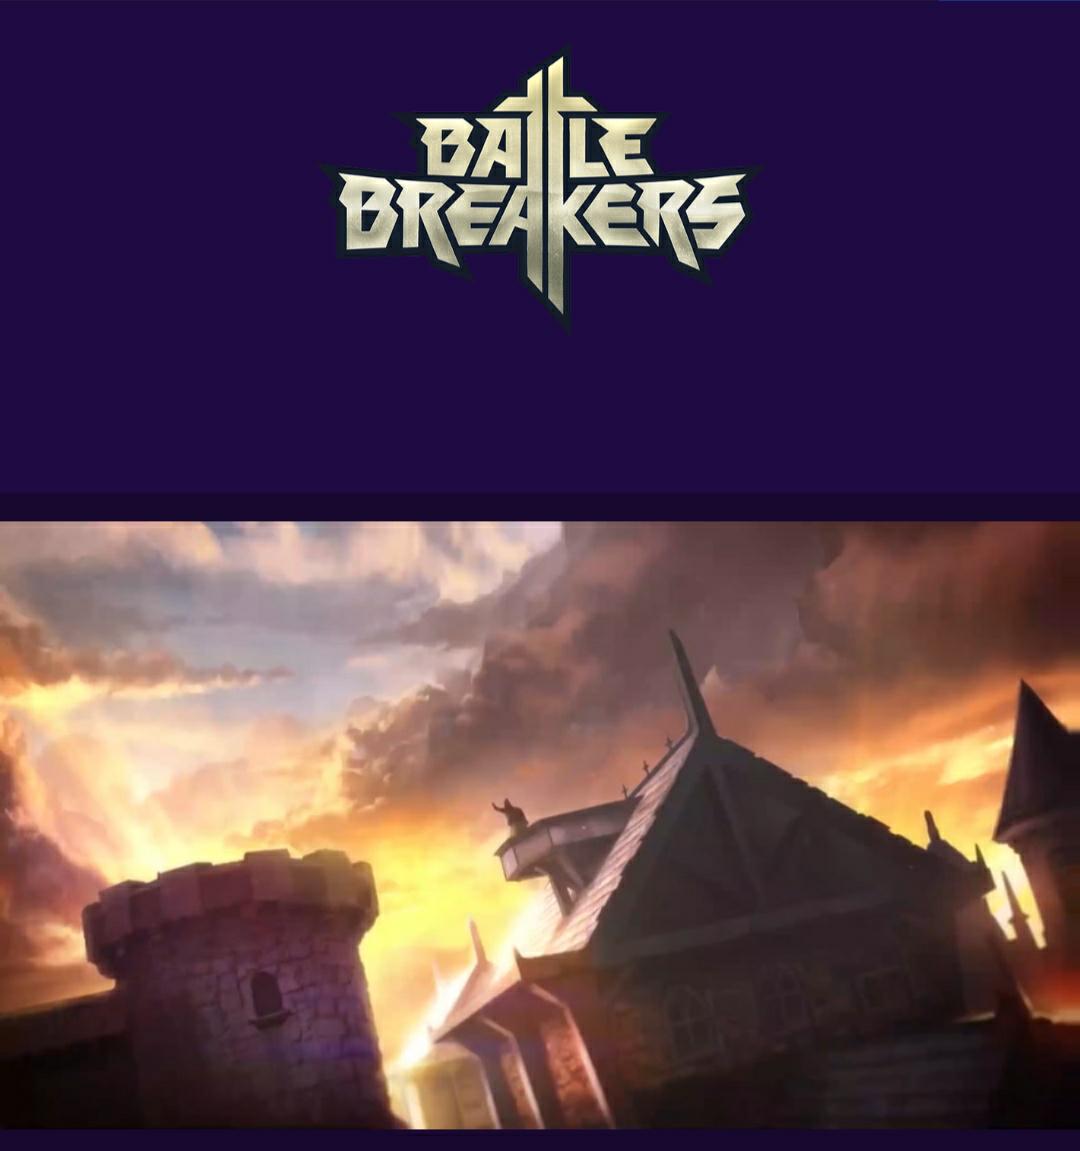 Battle breakers GRATIS (aunque es free-to-play, añádelo a tu cuenta de Epic Games)